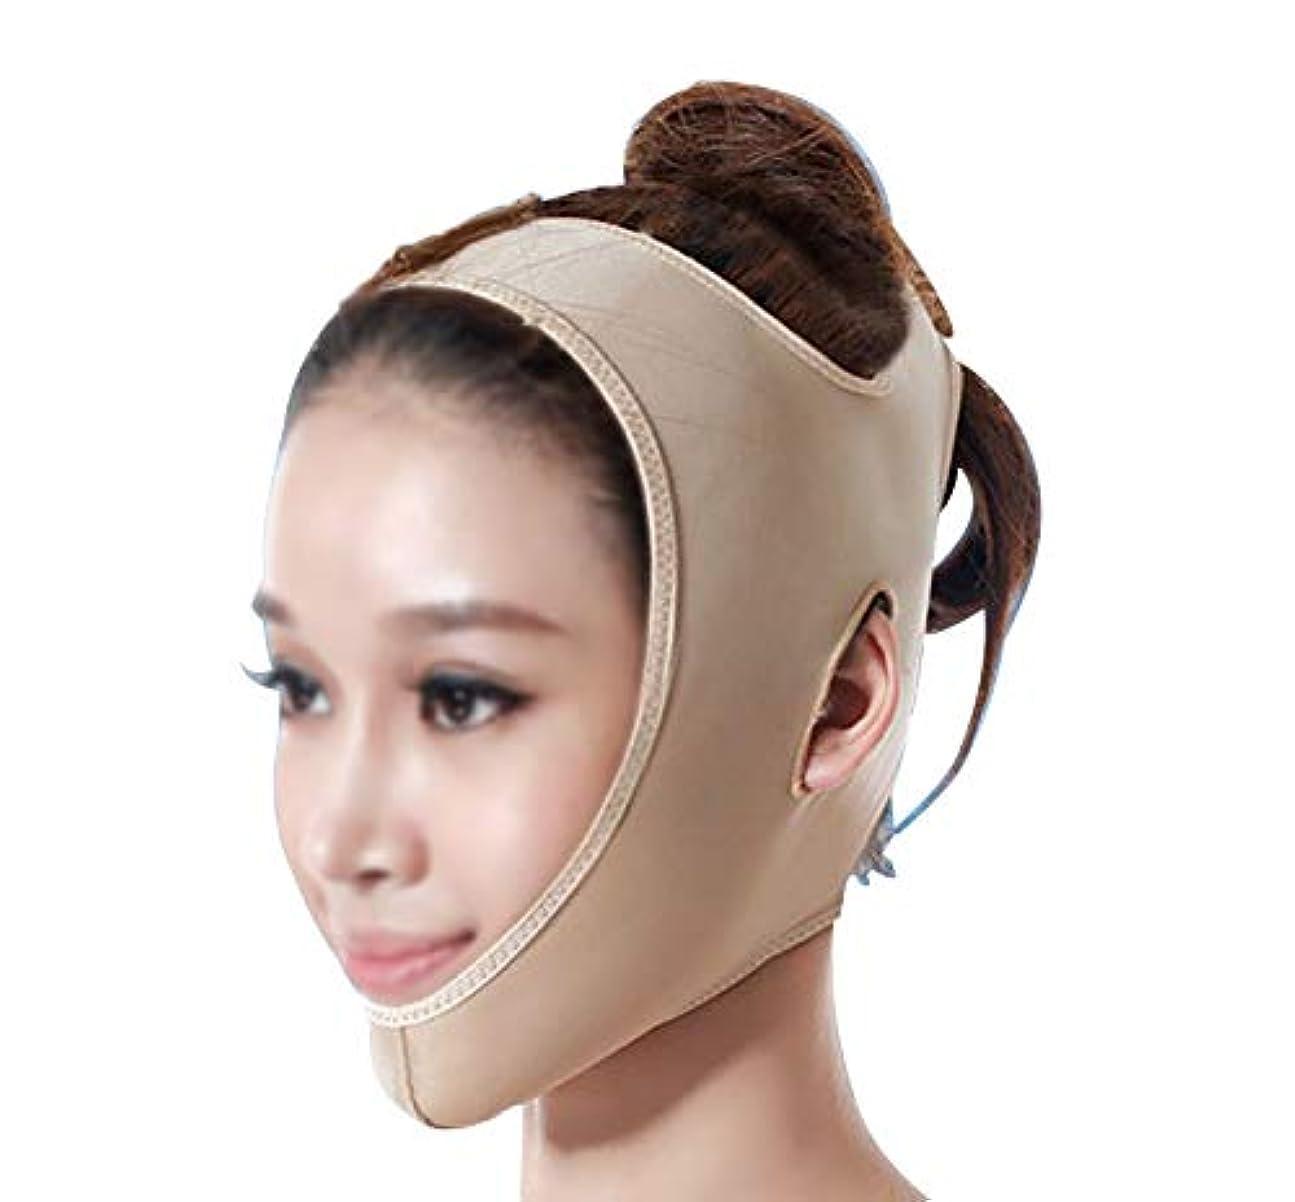 動要求転送TLMY 引き締めマスクマスク美容薬マスク美容V顔包帯ライン彫刻引き締めしっかりダブルチンマスク 顔用整形マスク (Size : XL)